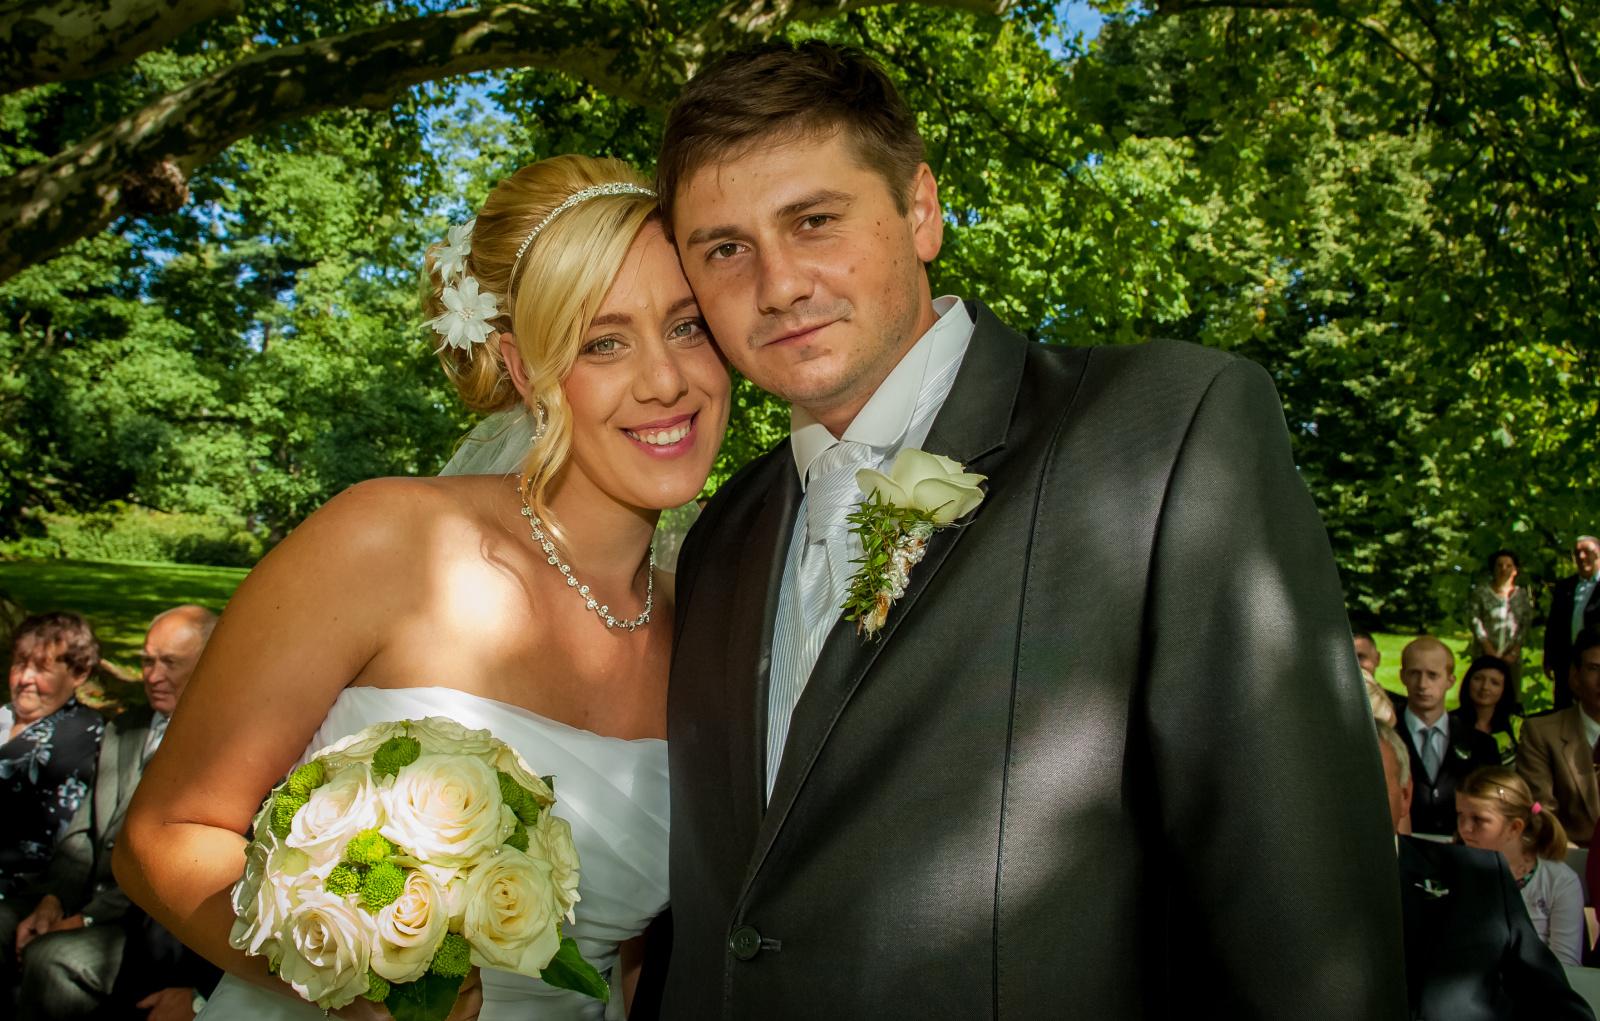 Svatební fotograf odřekl focení